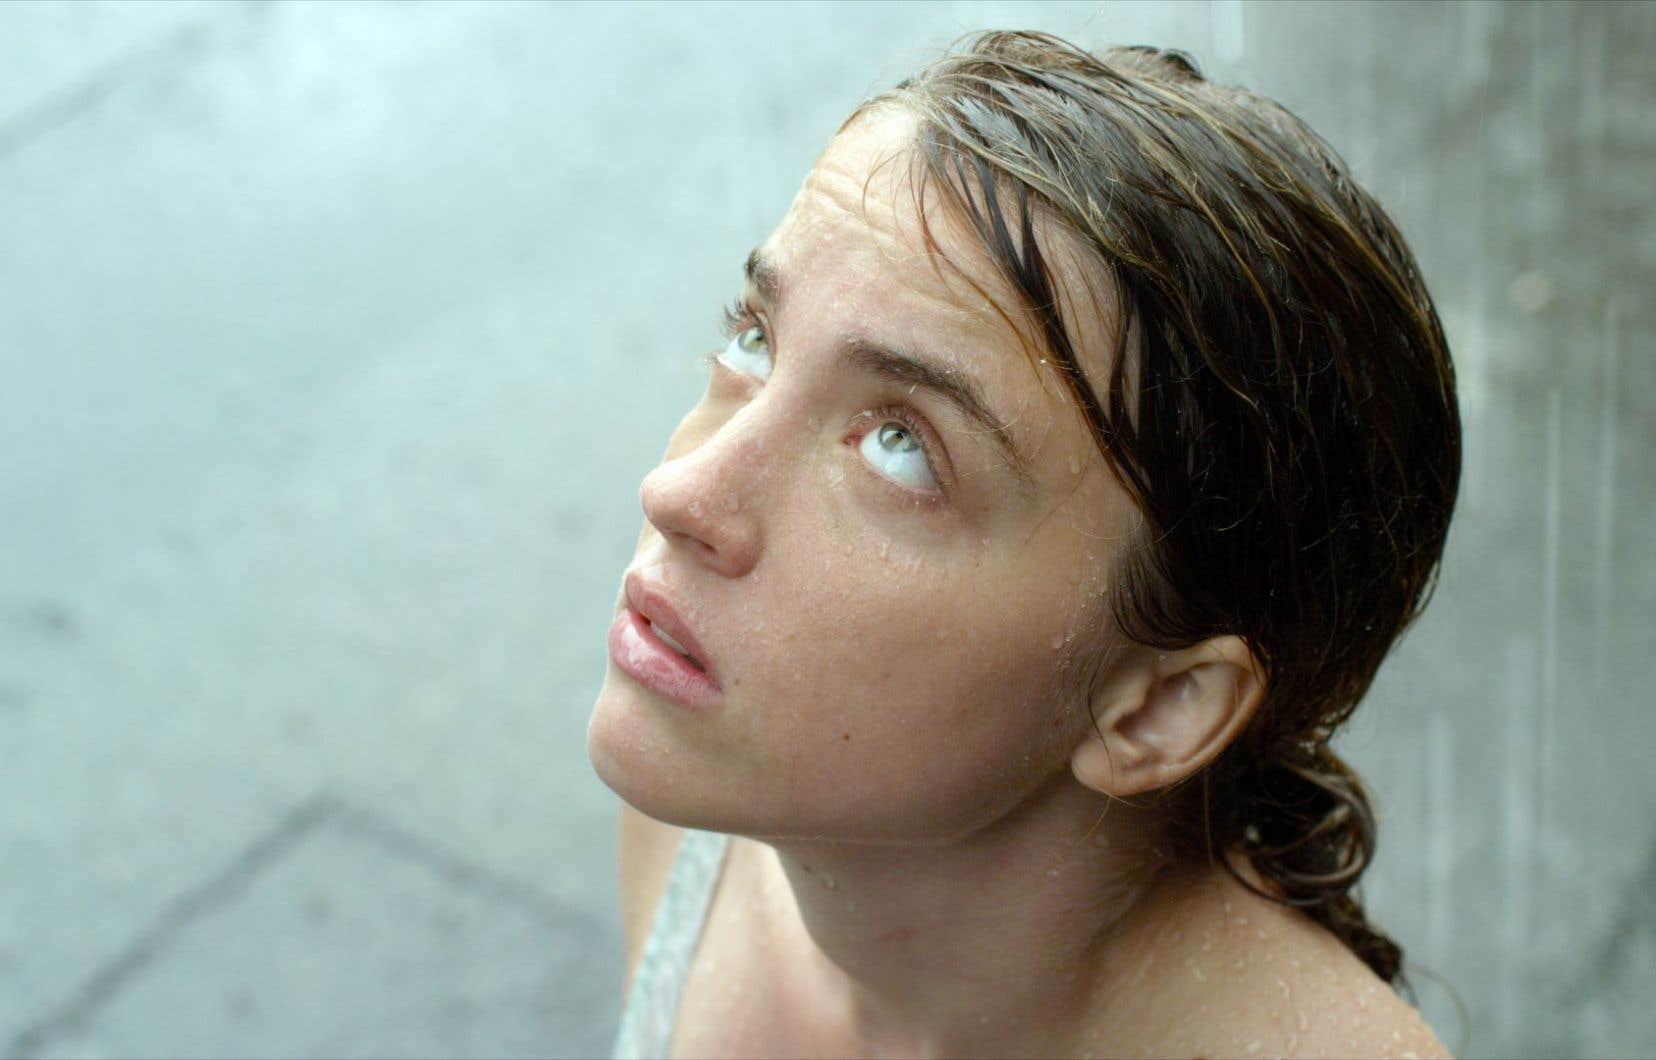 Adèle Haenel joue l'héroïne parano qui s'entraîne en vue de l'Apocalypse.